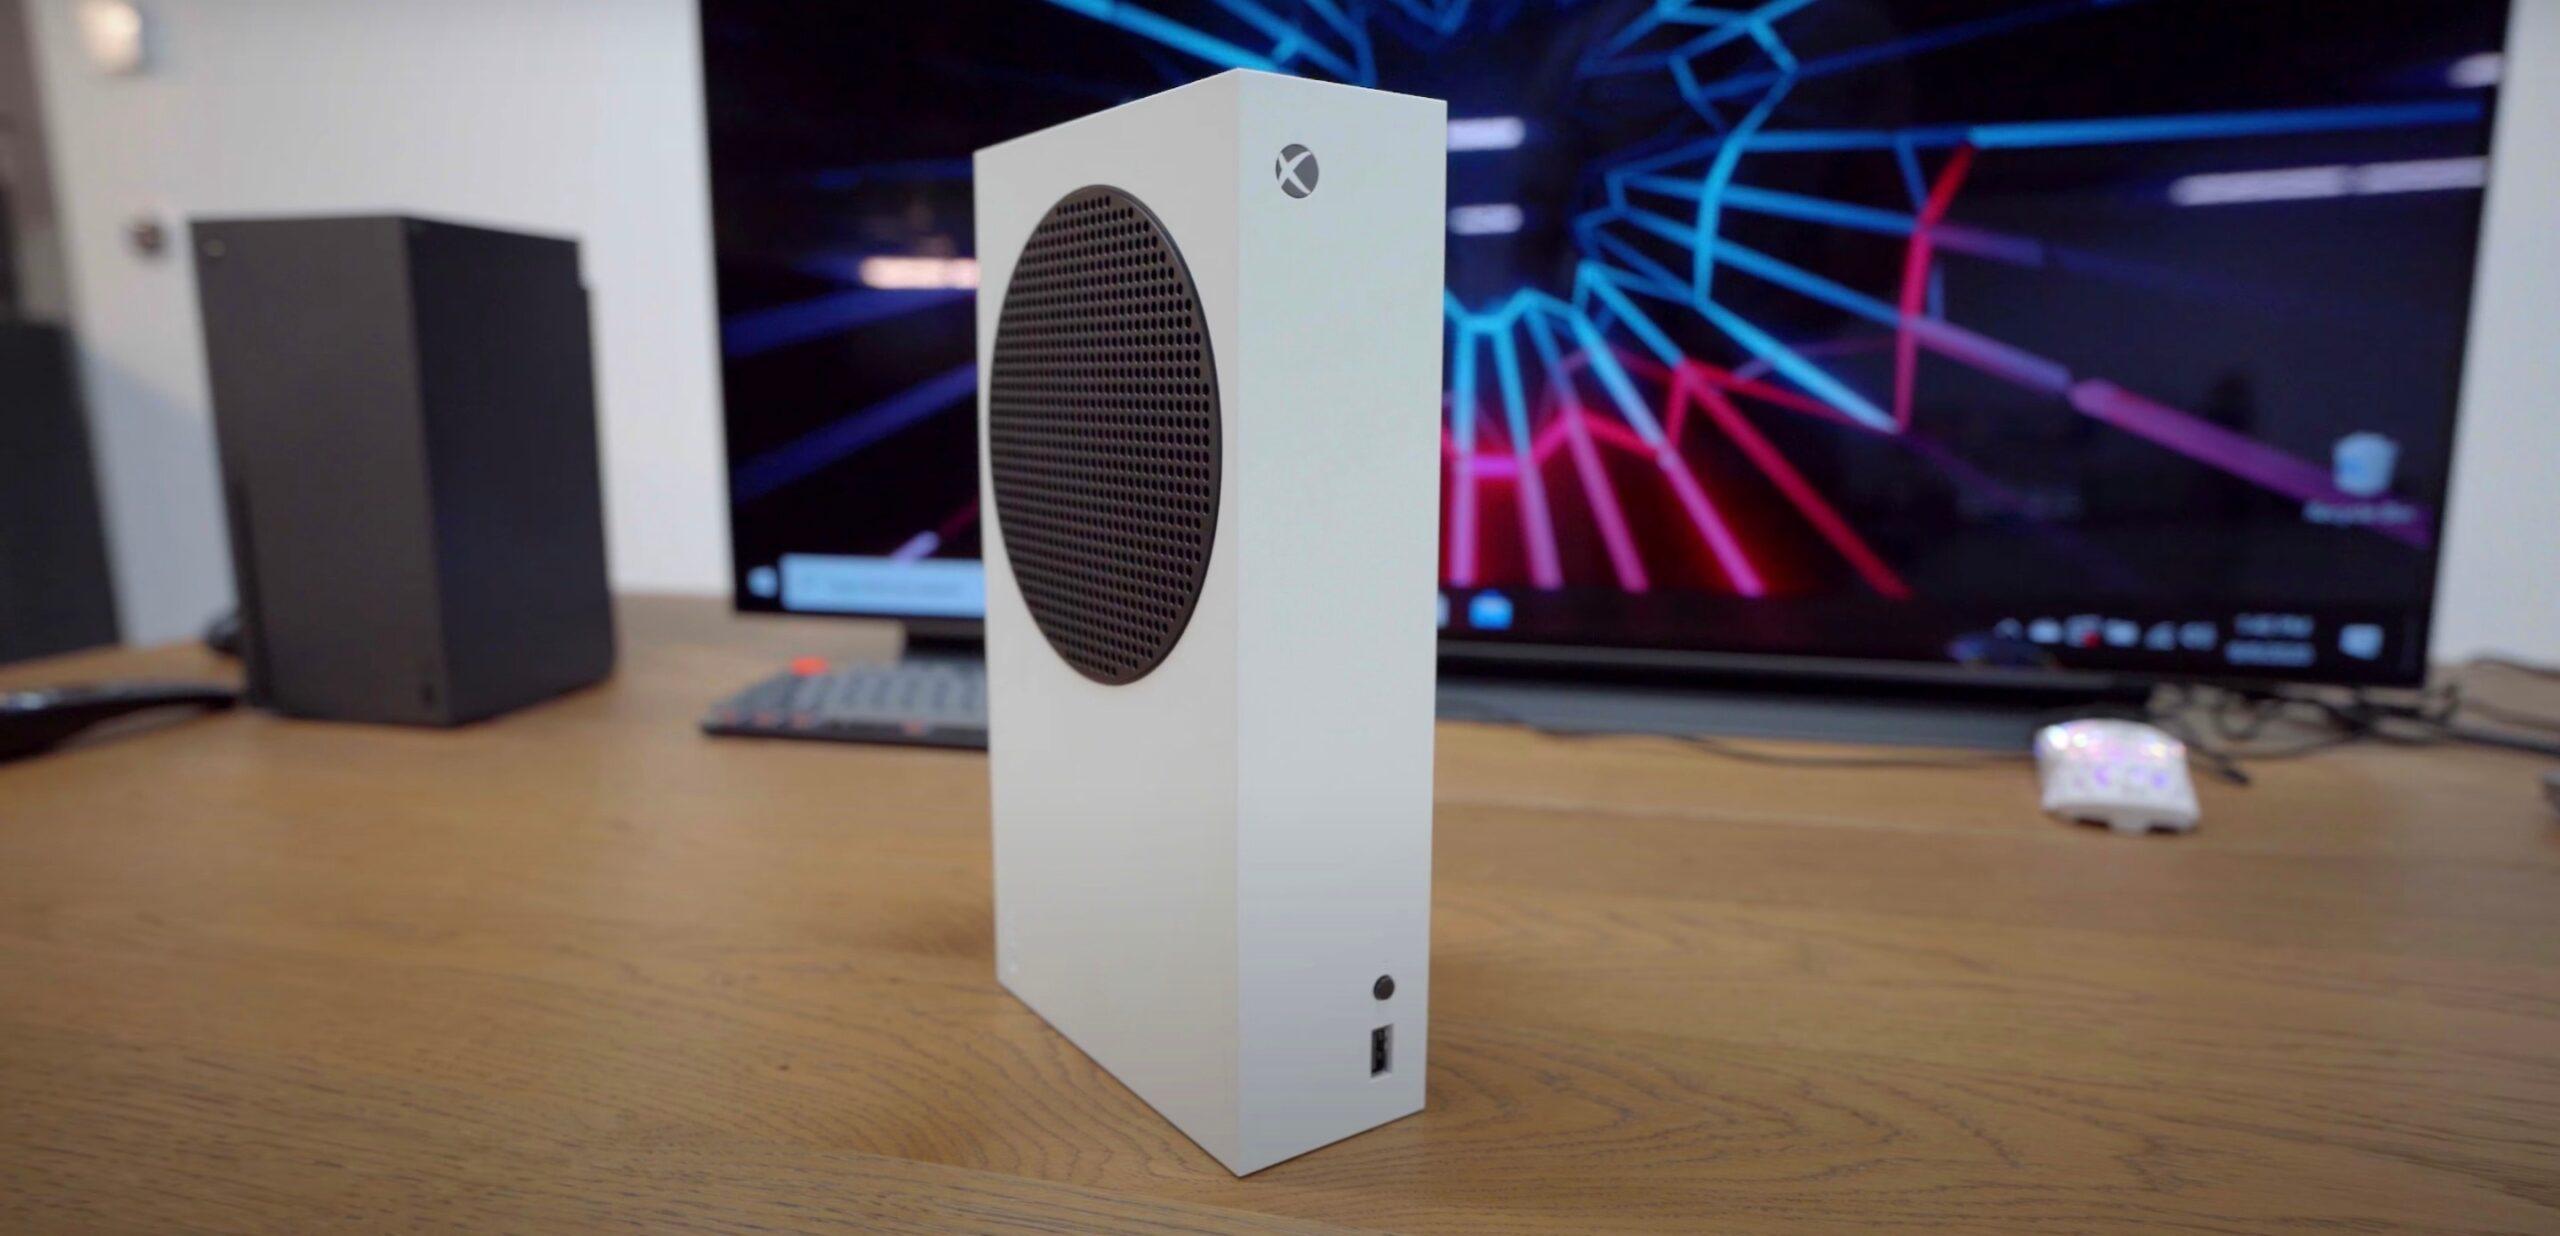 Xbox Series X | S можно ставить вертикально и горизонтально, но подставку на старшей модели не снять